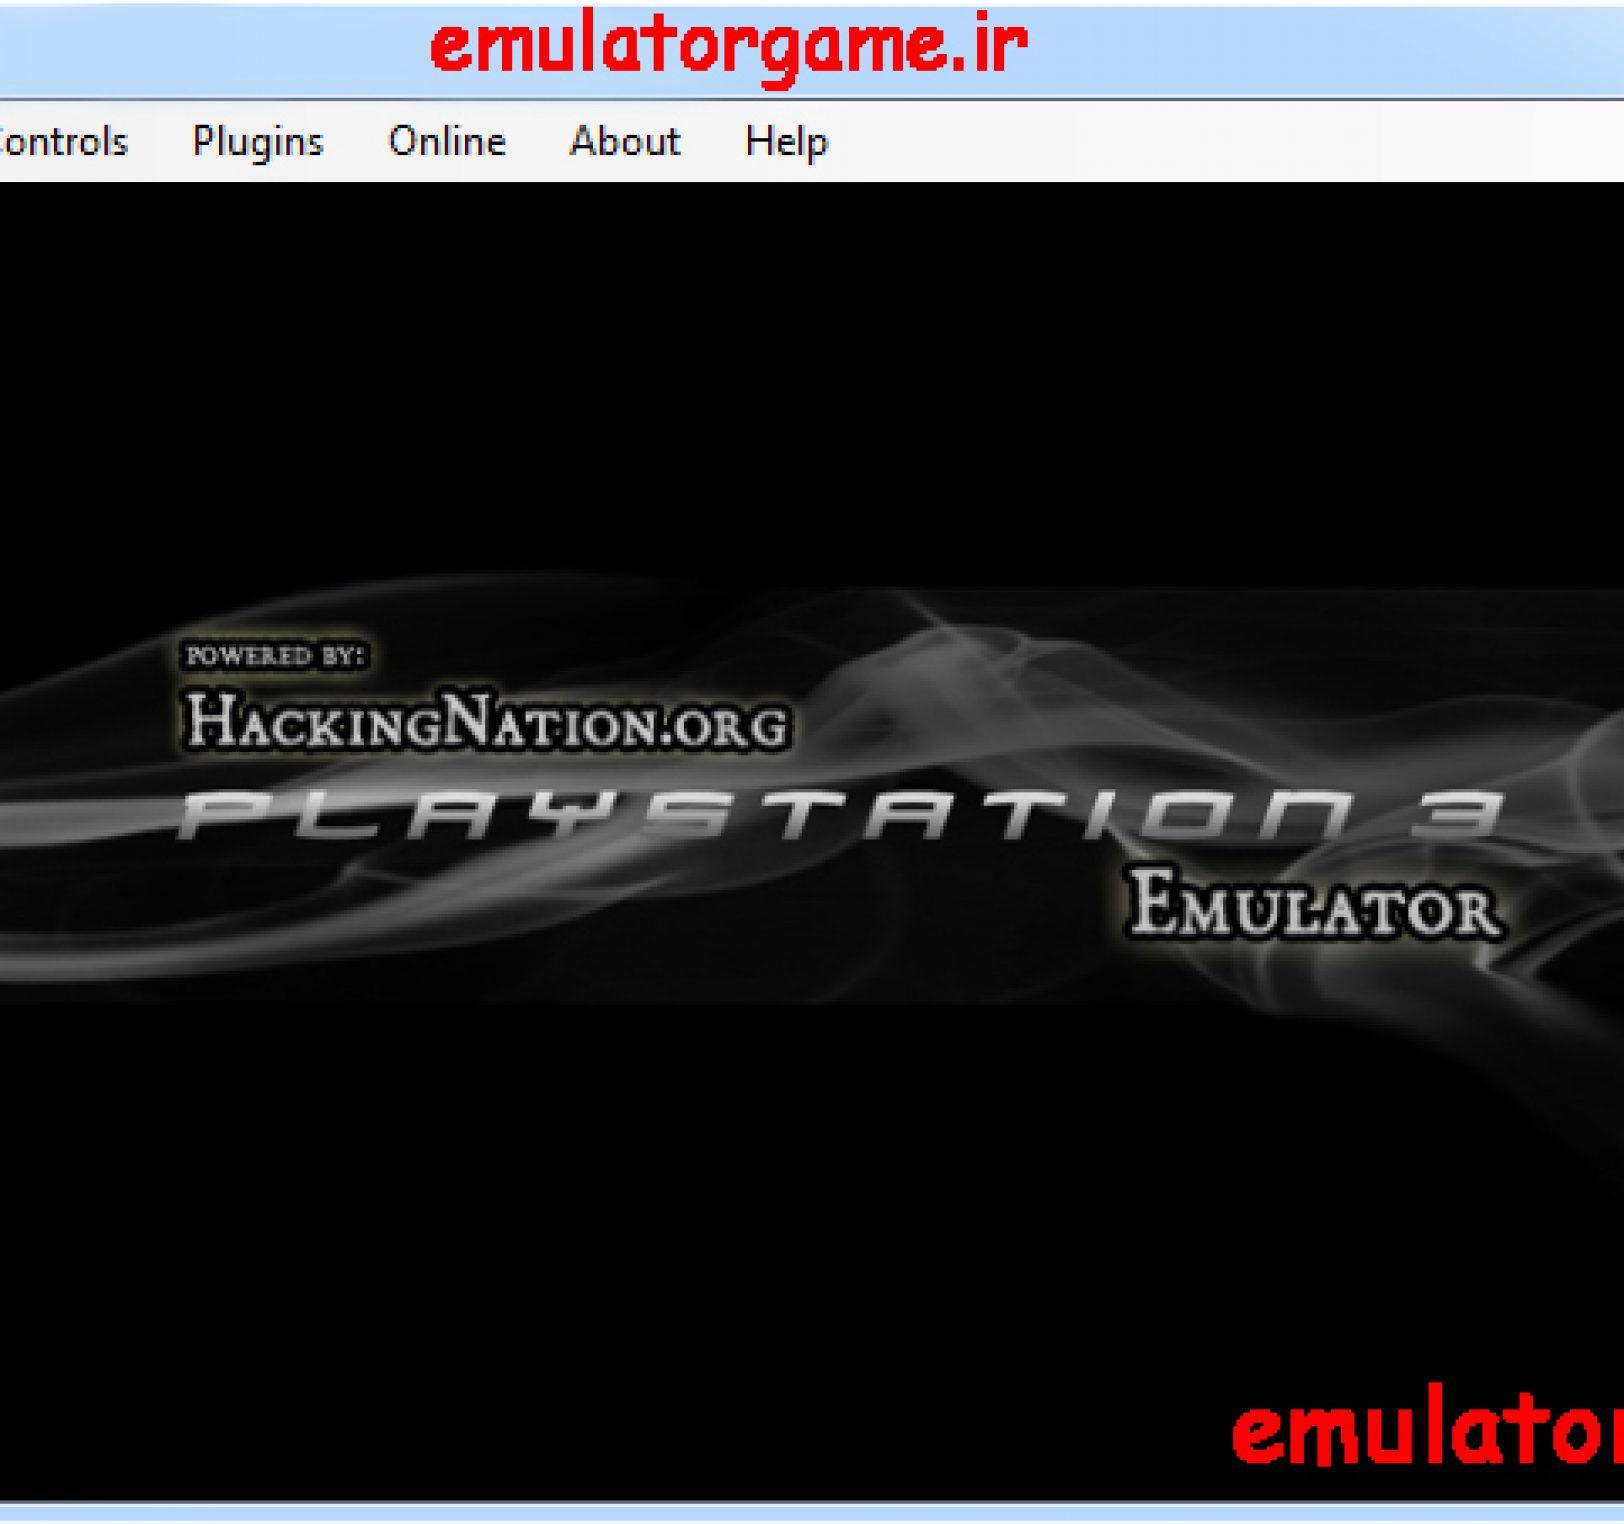 دانلود شبیه ساز Emulator ps3 کامپیوتر 2014